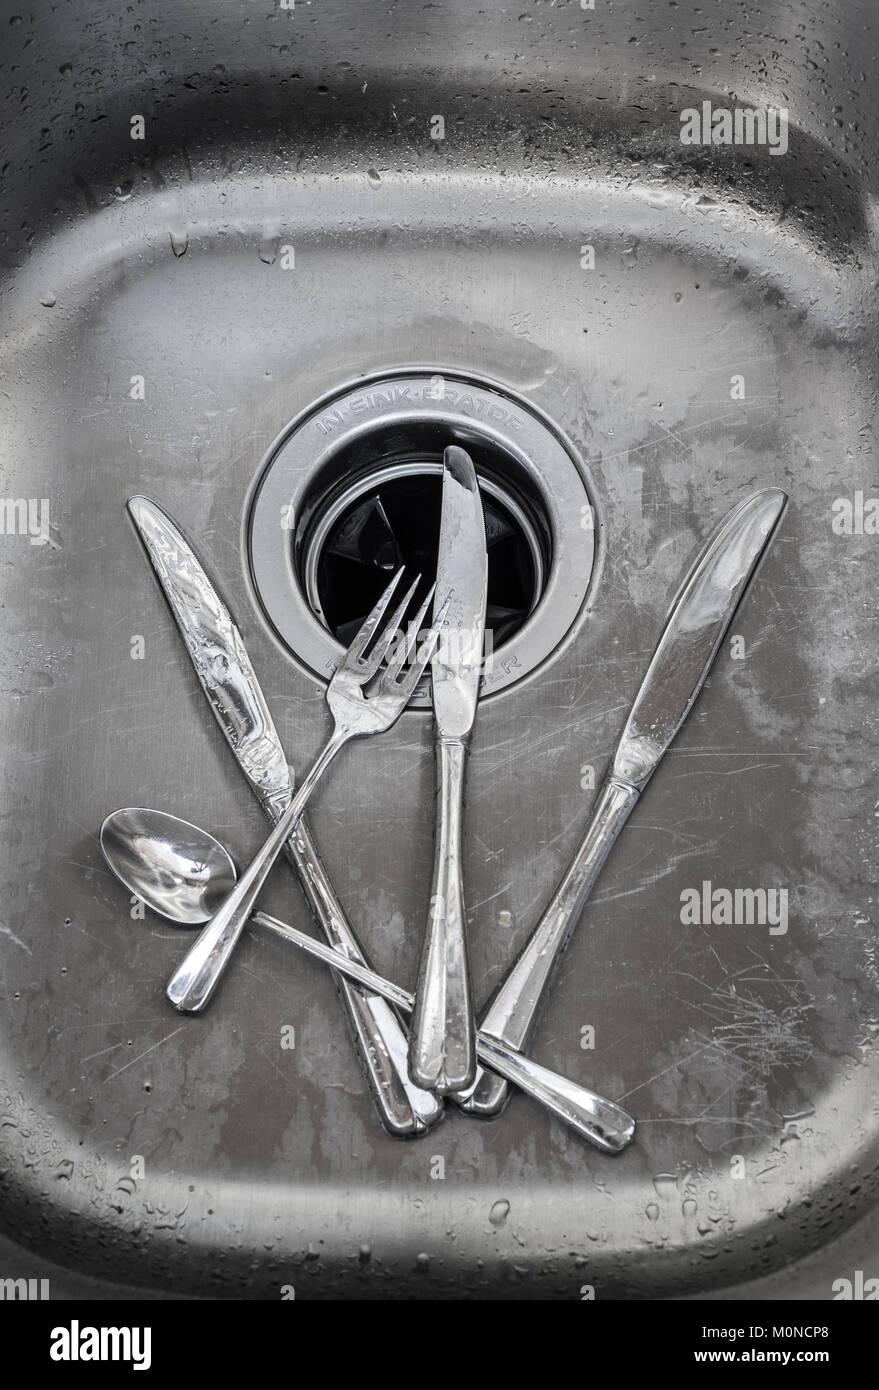 Besteck Messer, Gabel und Löffel in einem Spülbecken Stockbild